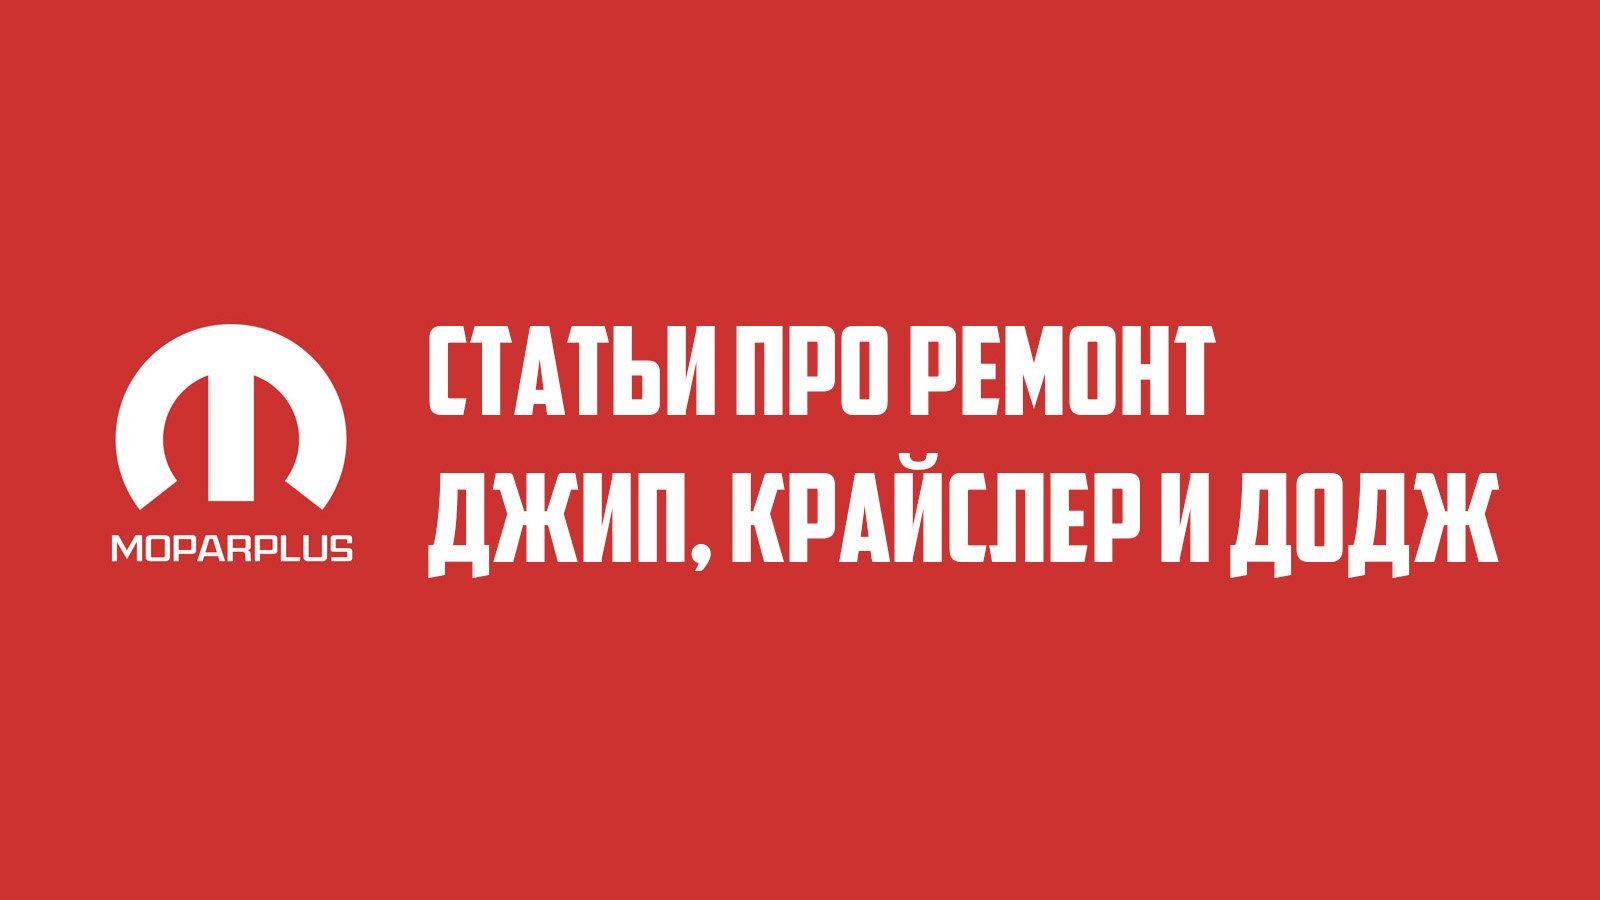 Статьи про ремонт. Выпуск №3.